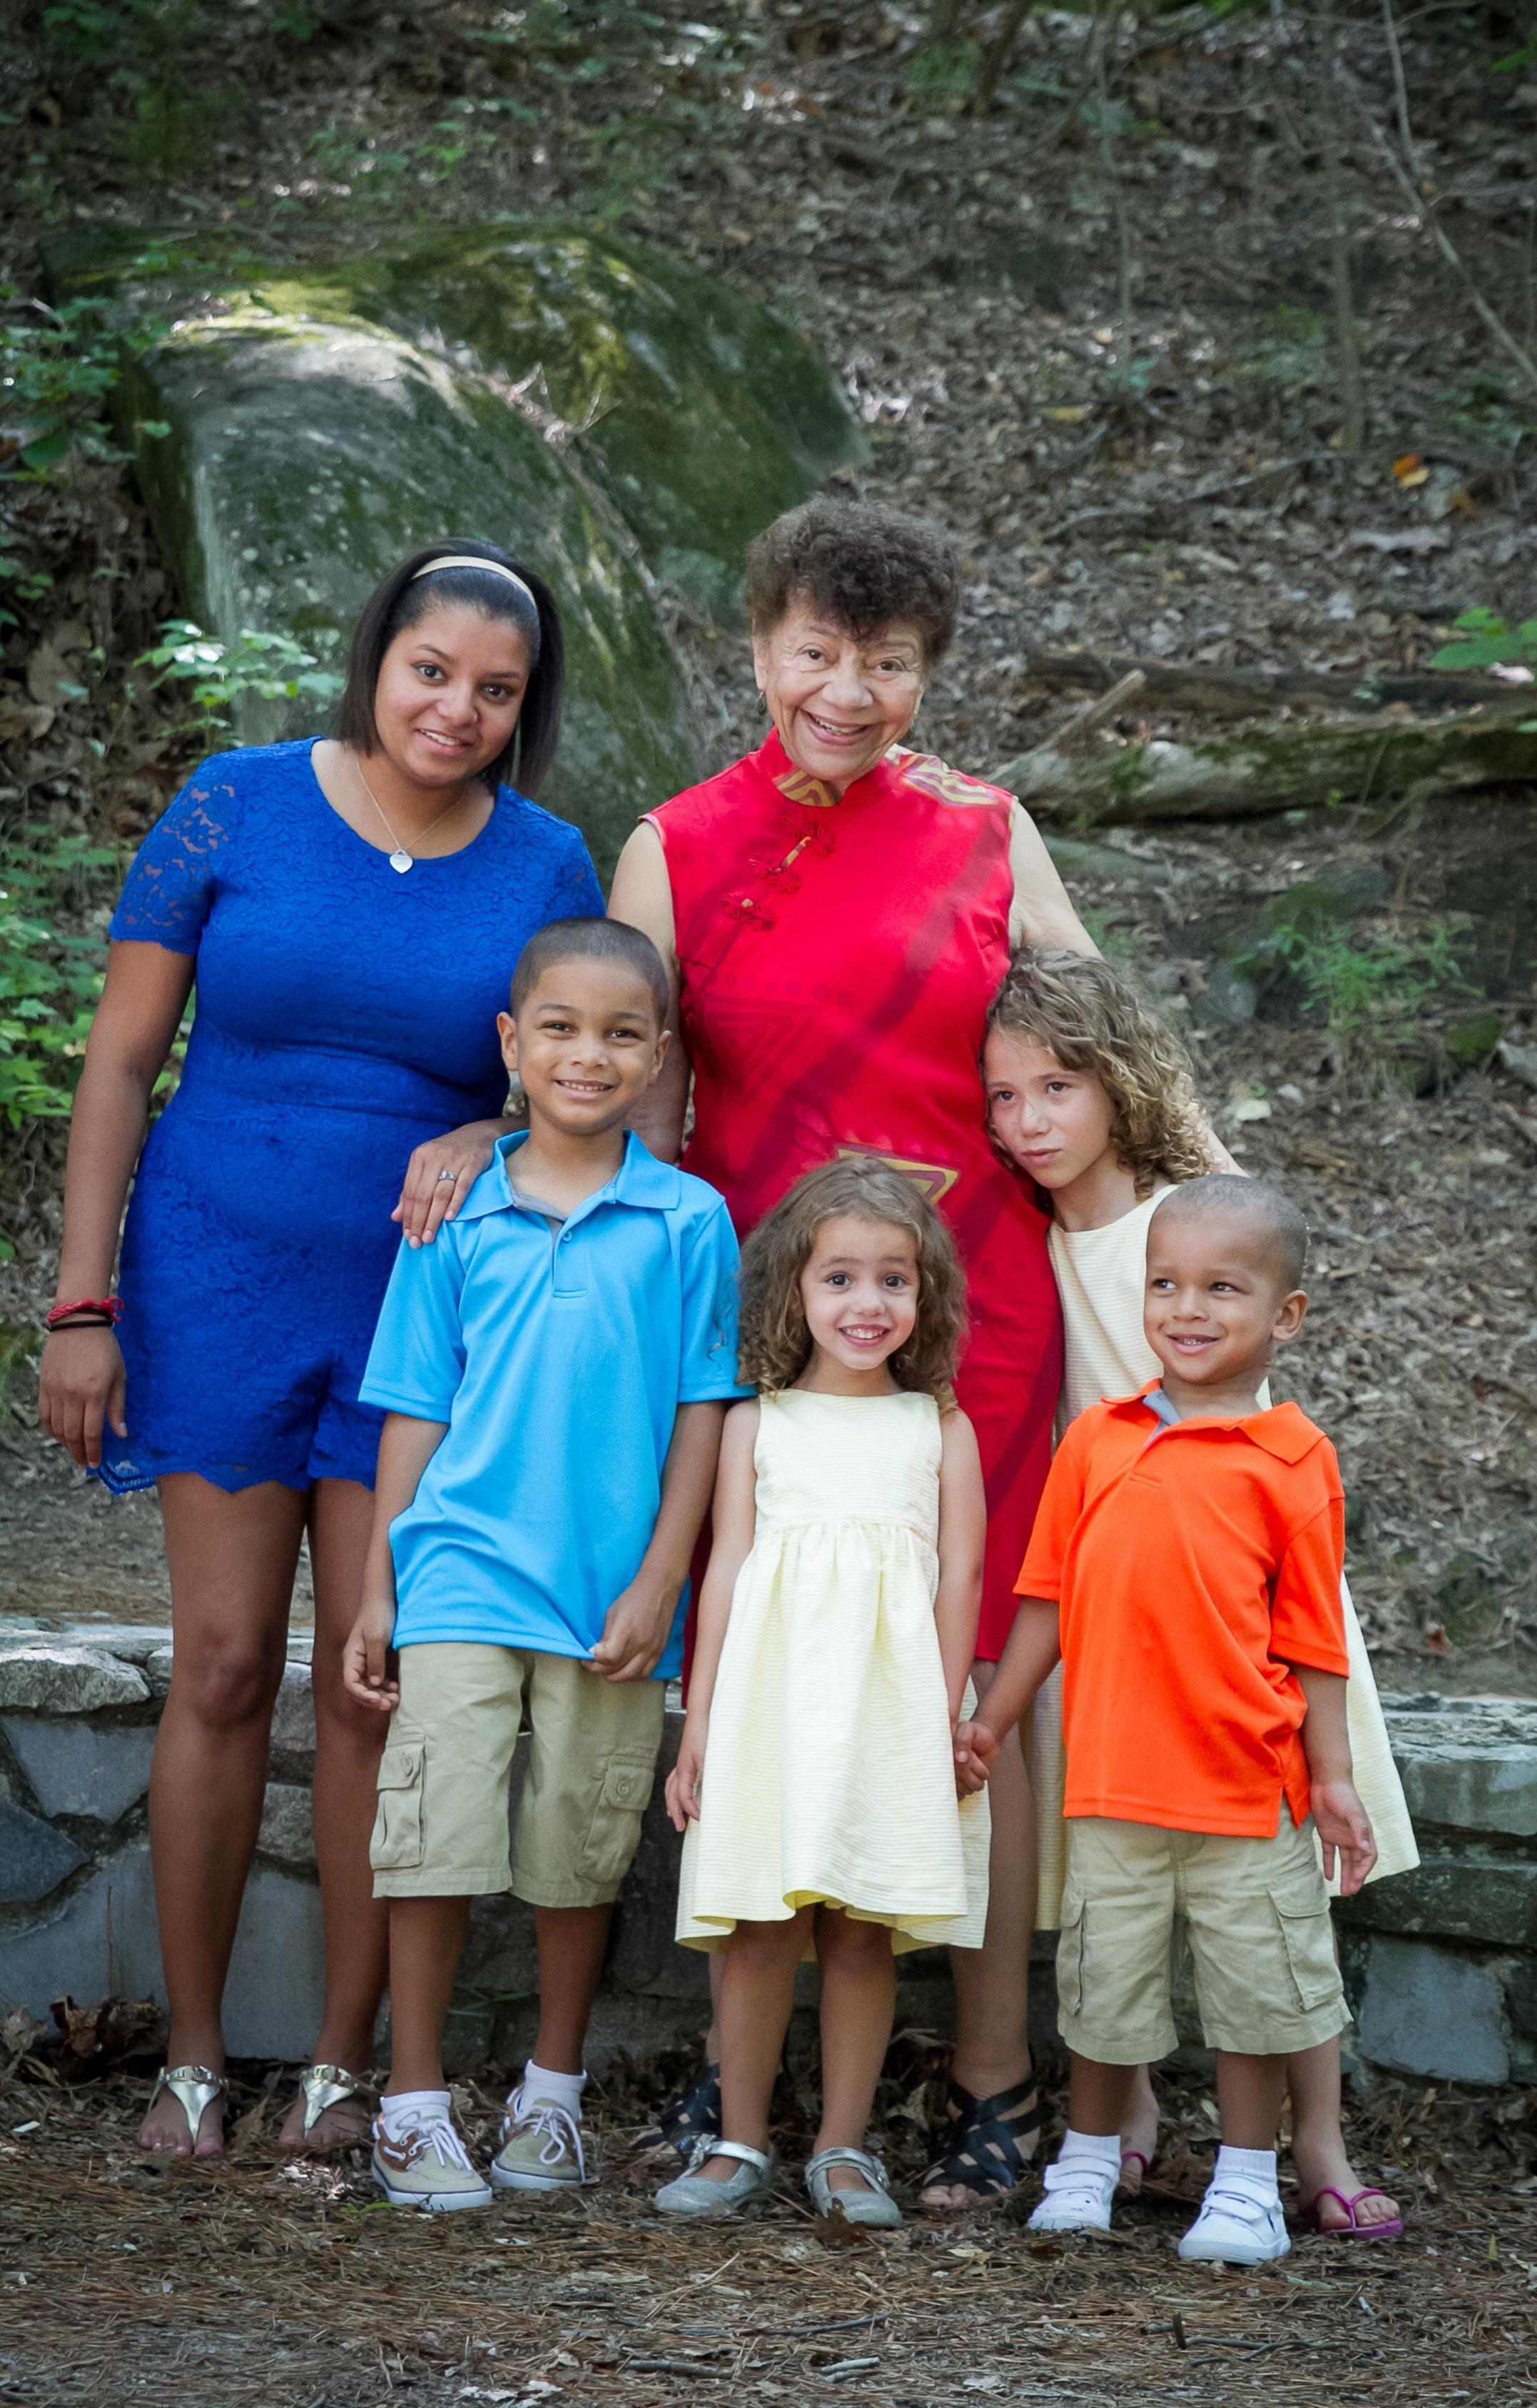 Alexis and family, Kay's 75 birthday, family portrait, Stone Mountain